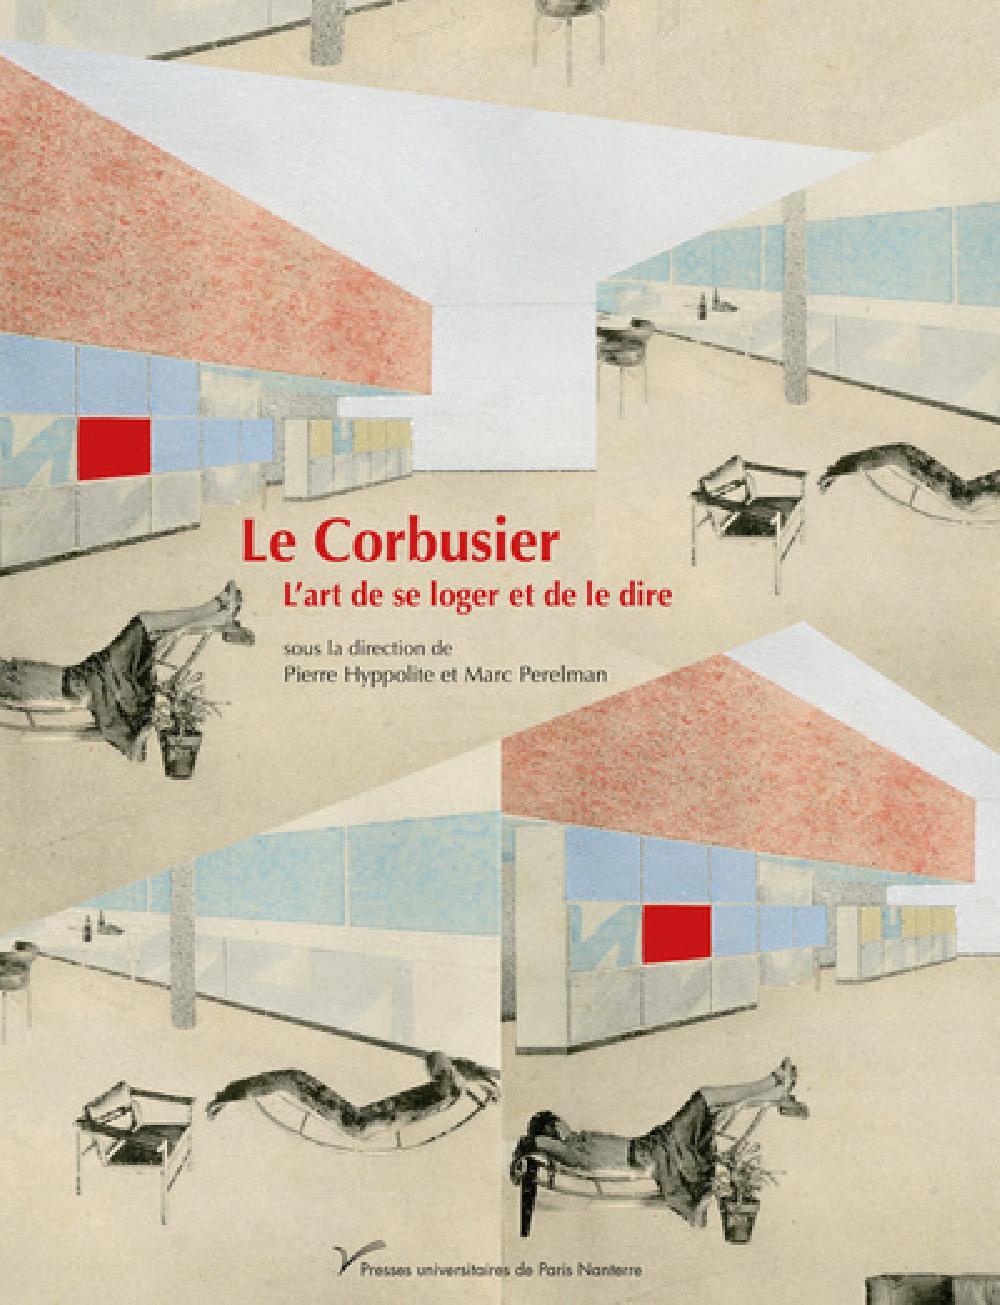 L'art de se loger et de le dire - Le Corbusier